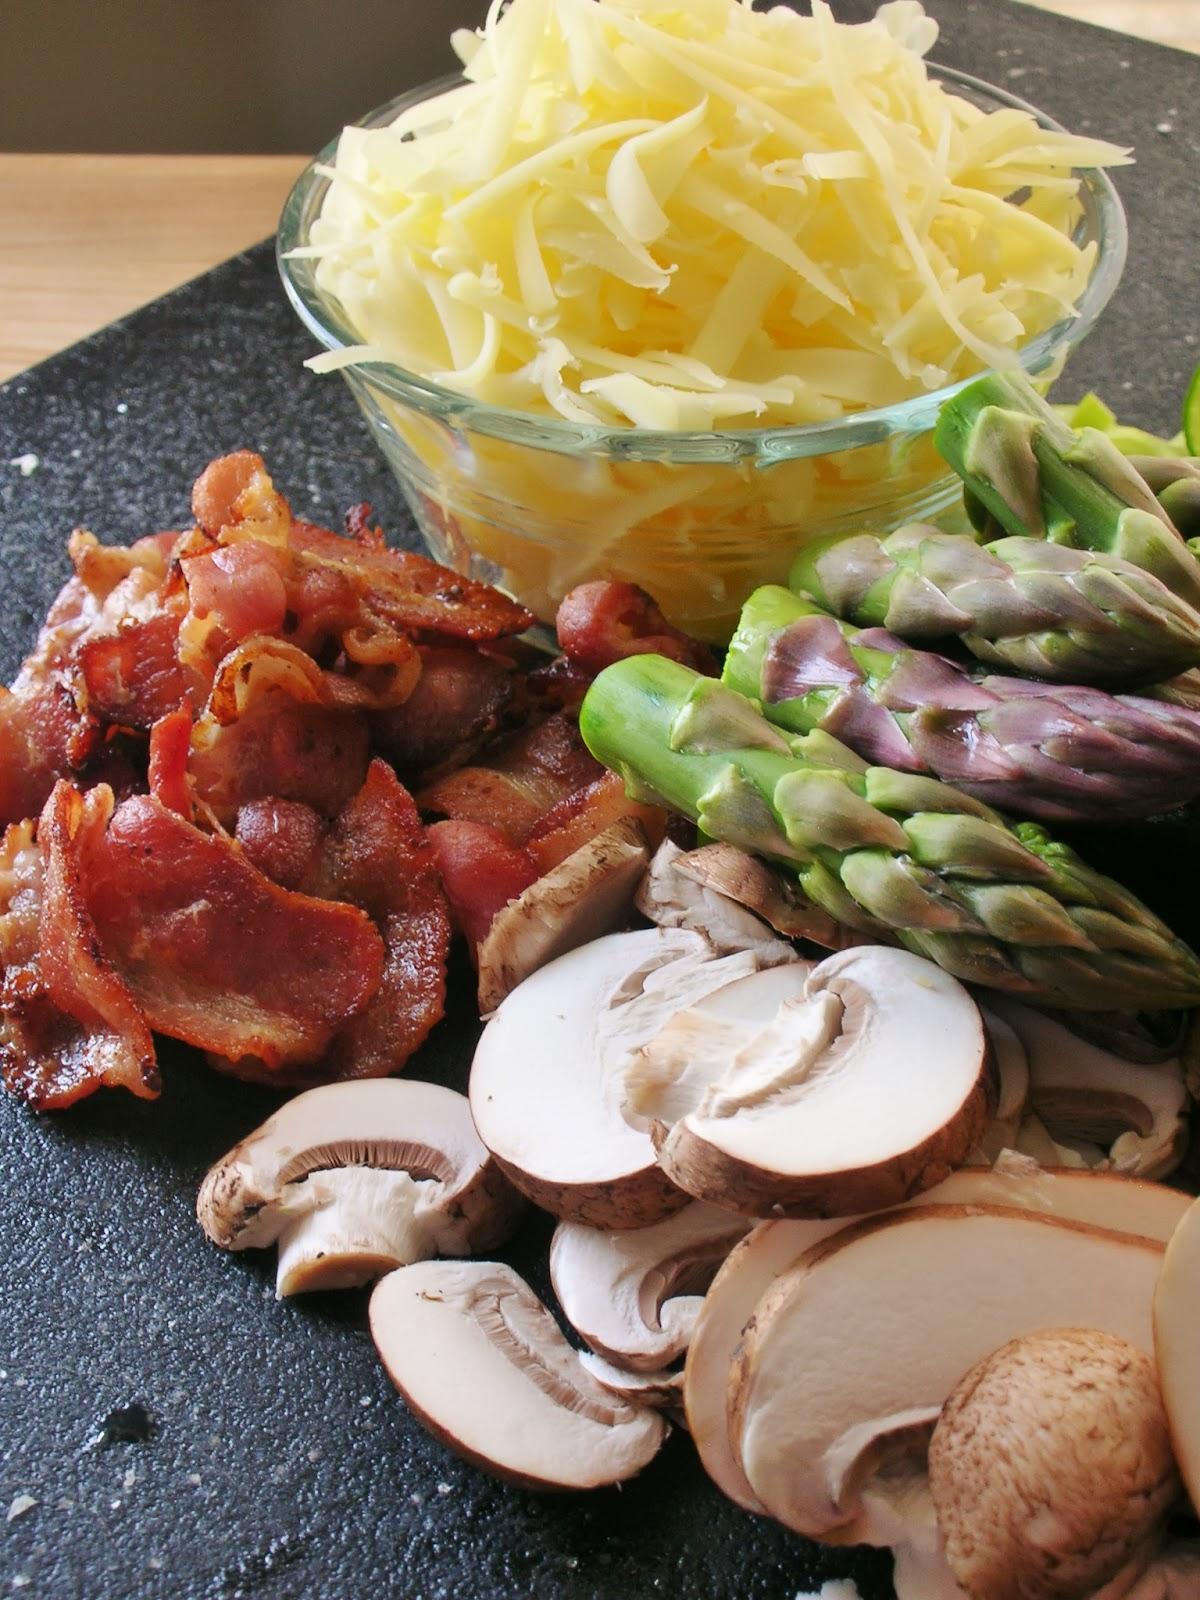 Basil: Asparagus, Mushroom and Bacon Popover